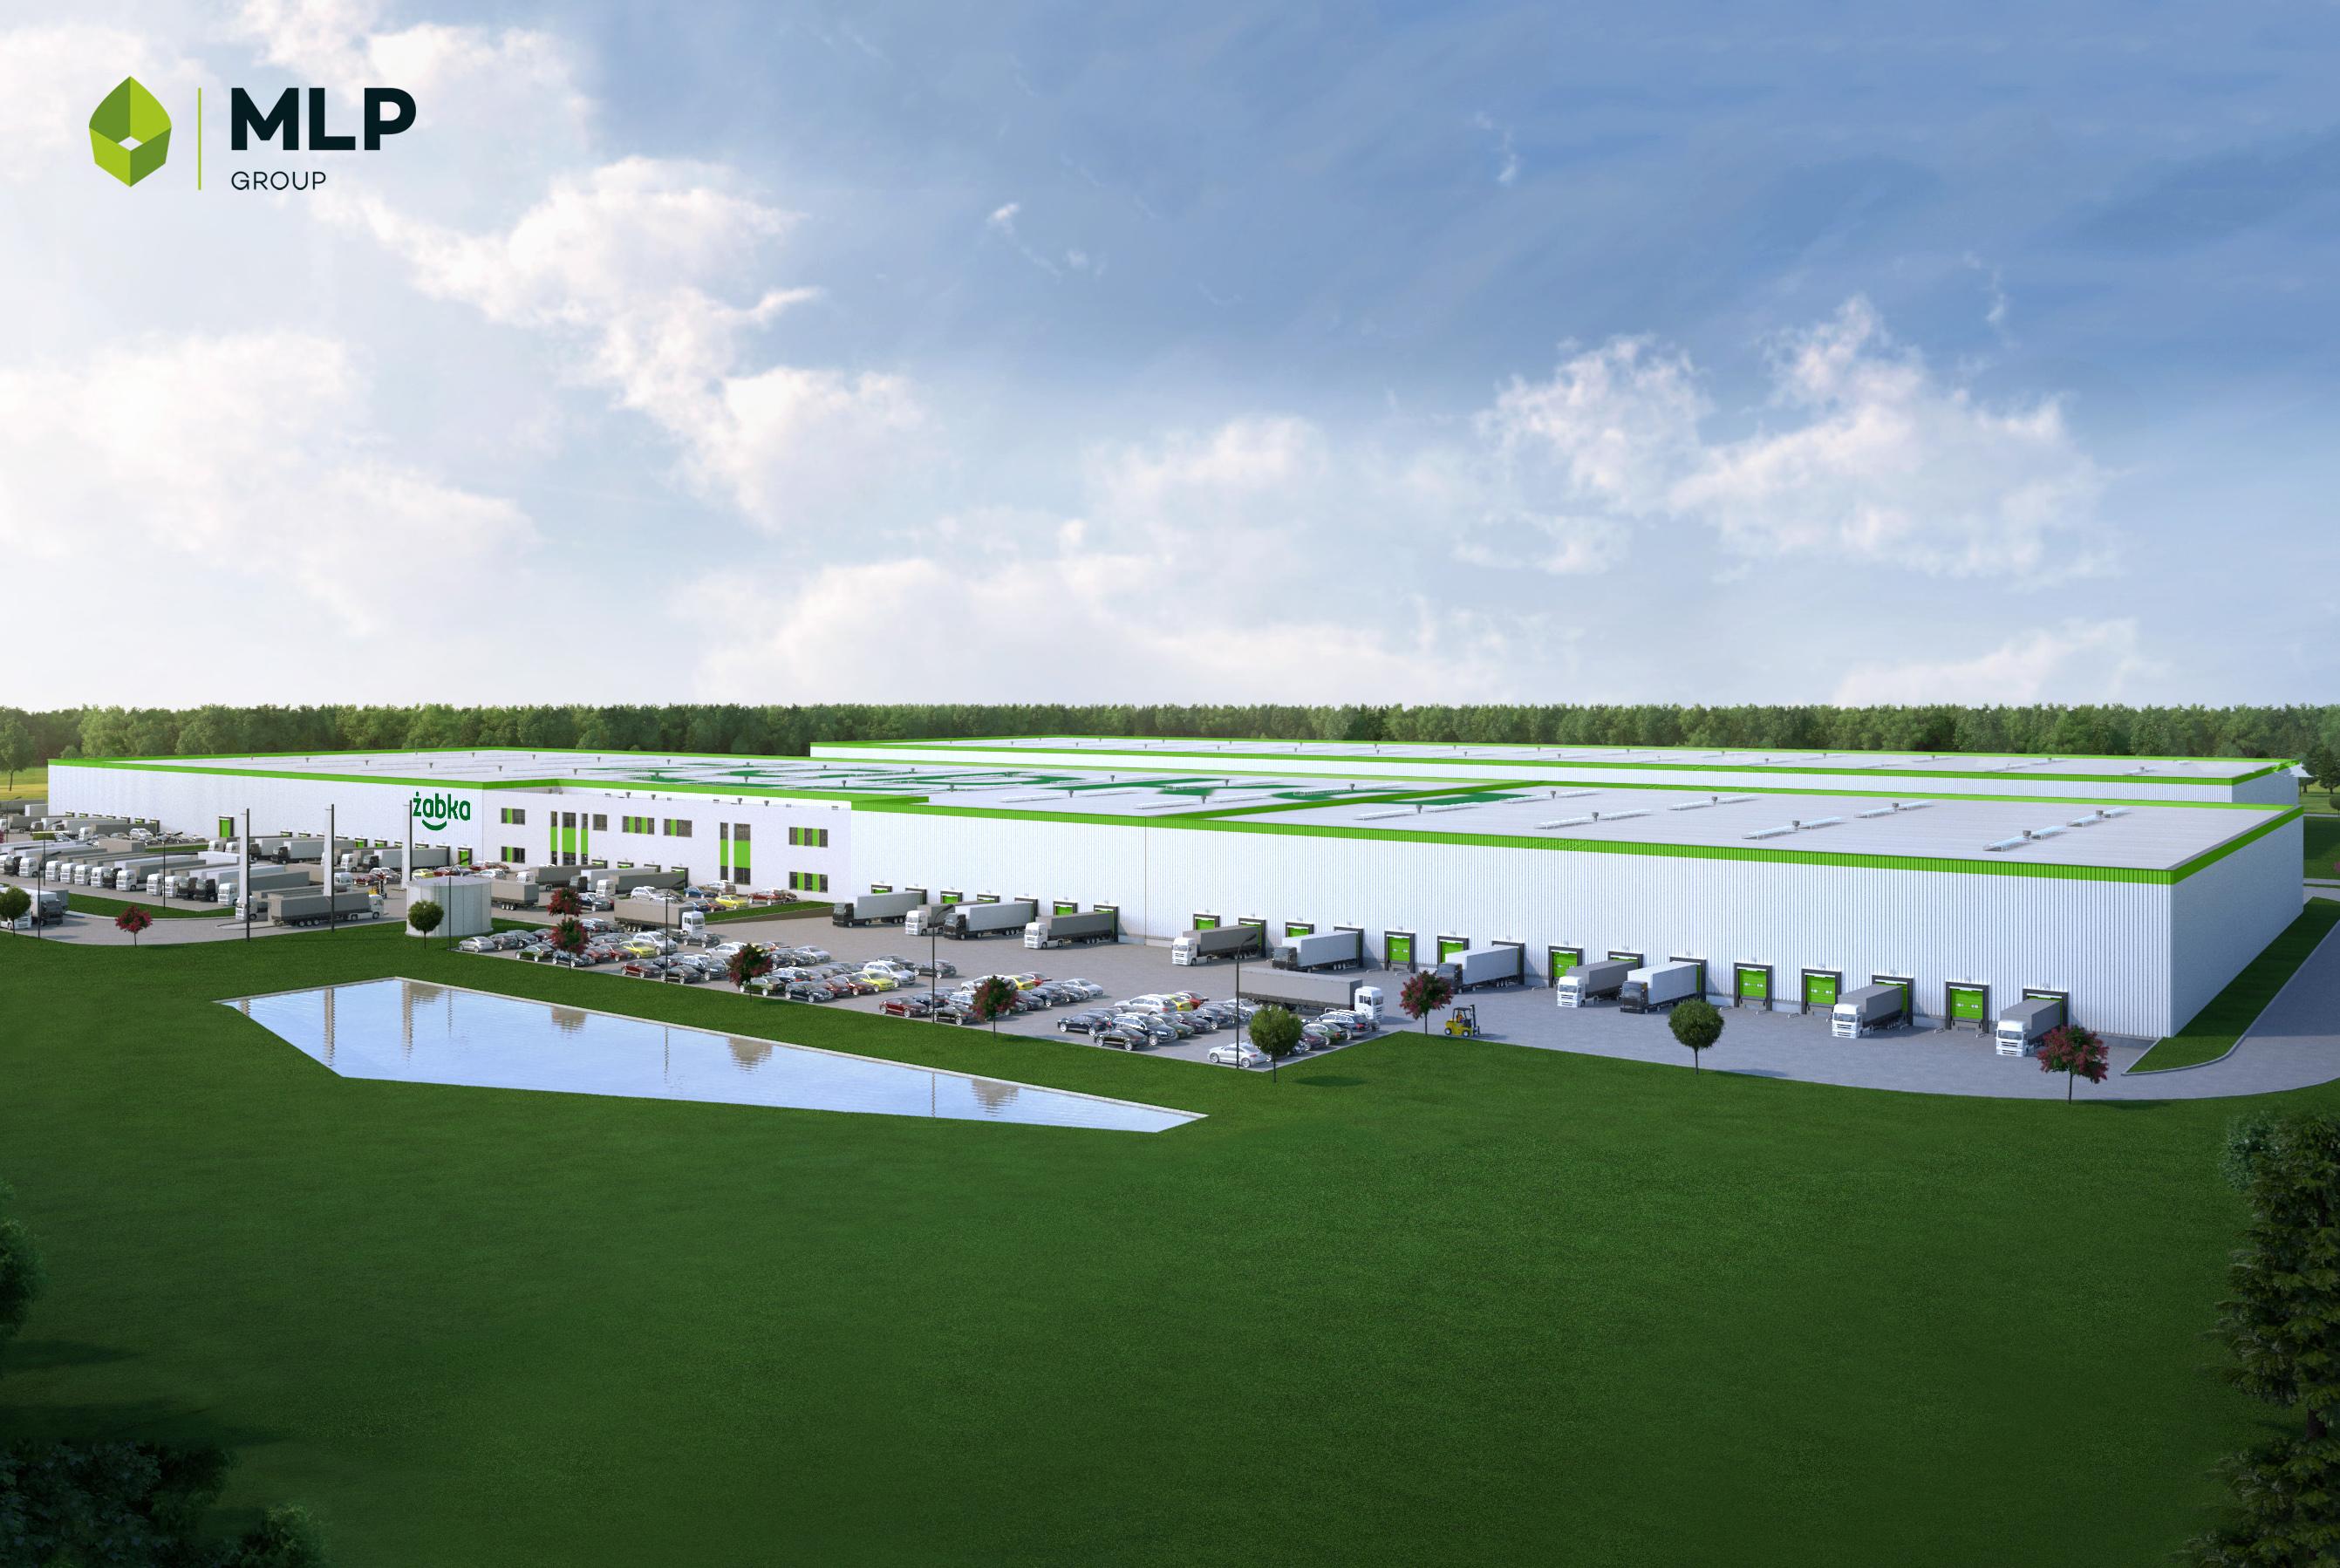 MLP Group wybuduje dla Żabki centrum logistyczne o powierzchni 24,7 tys. mkw.